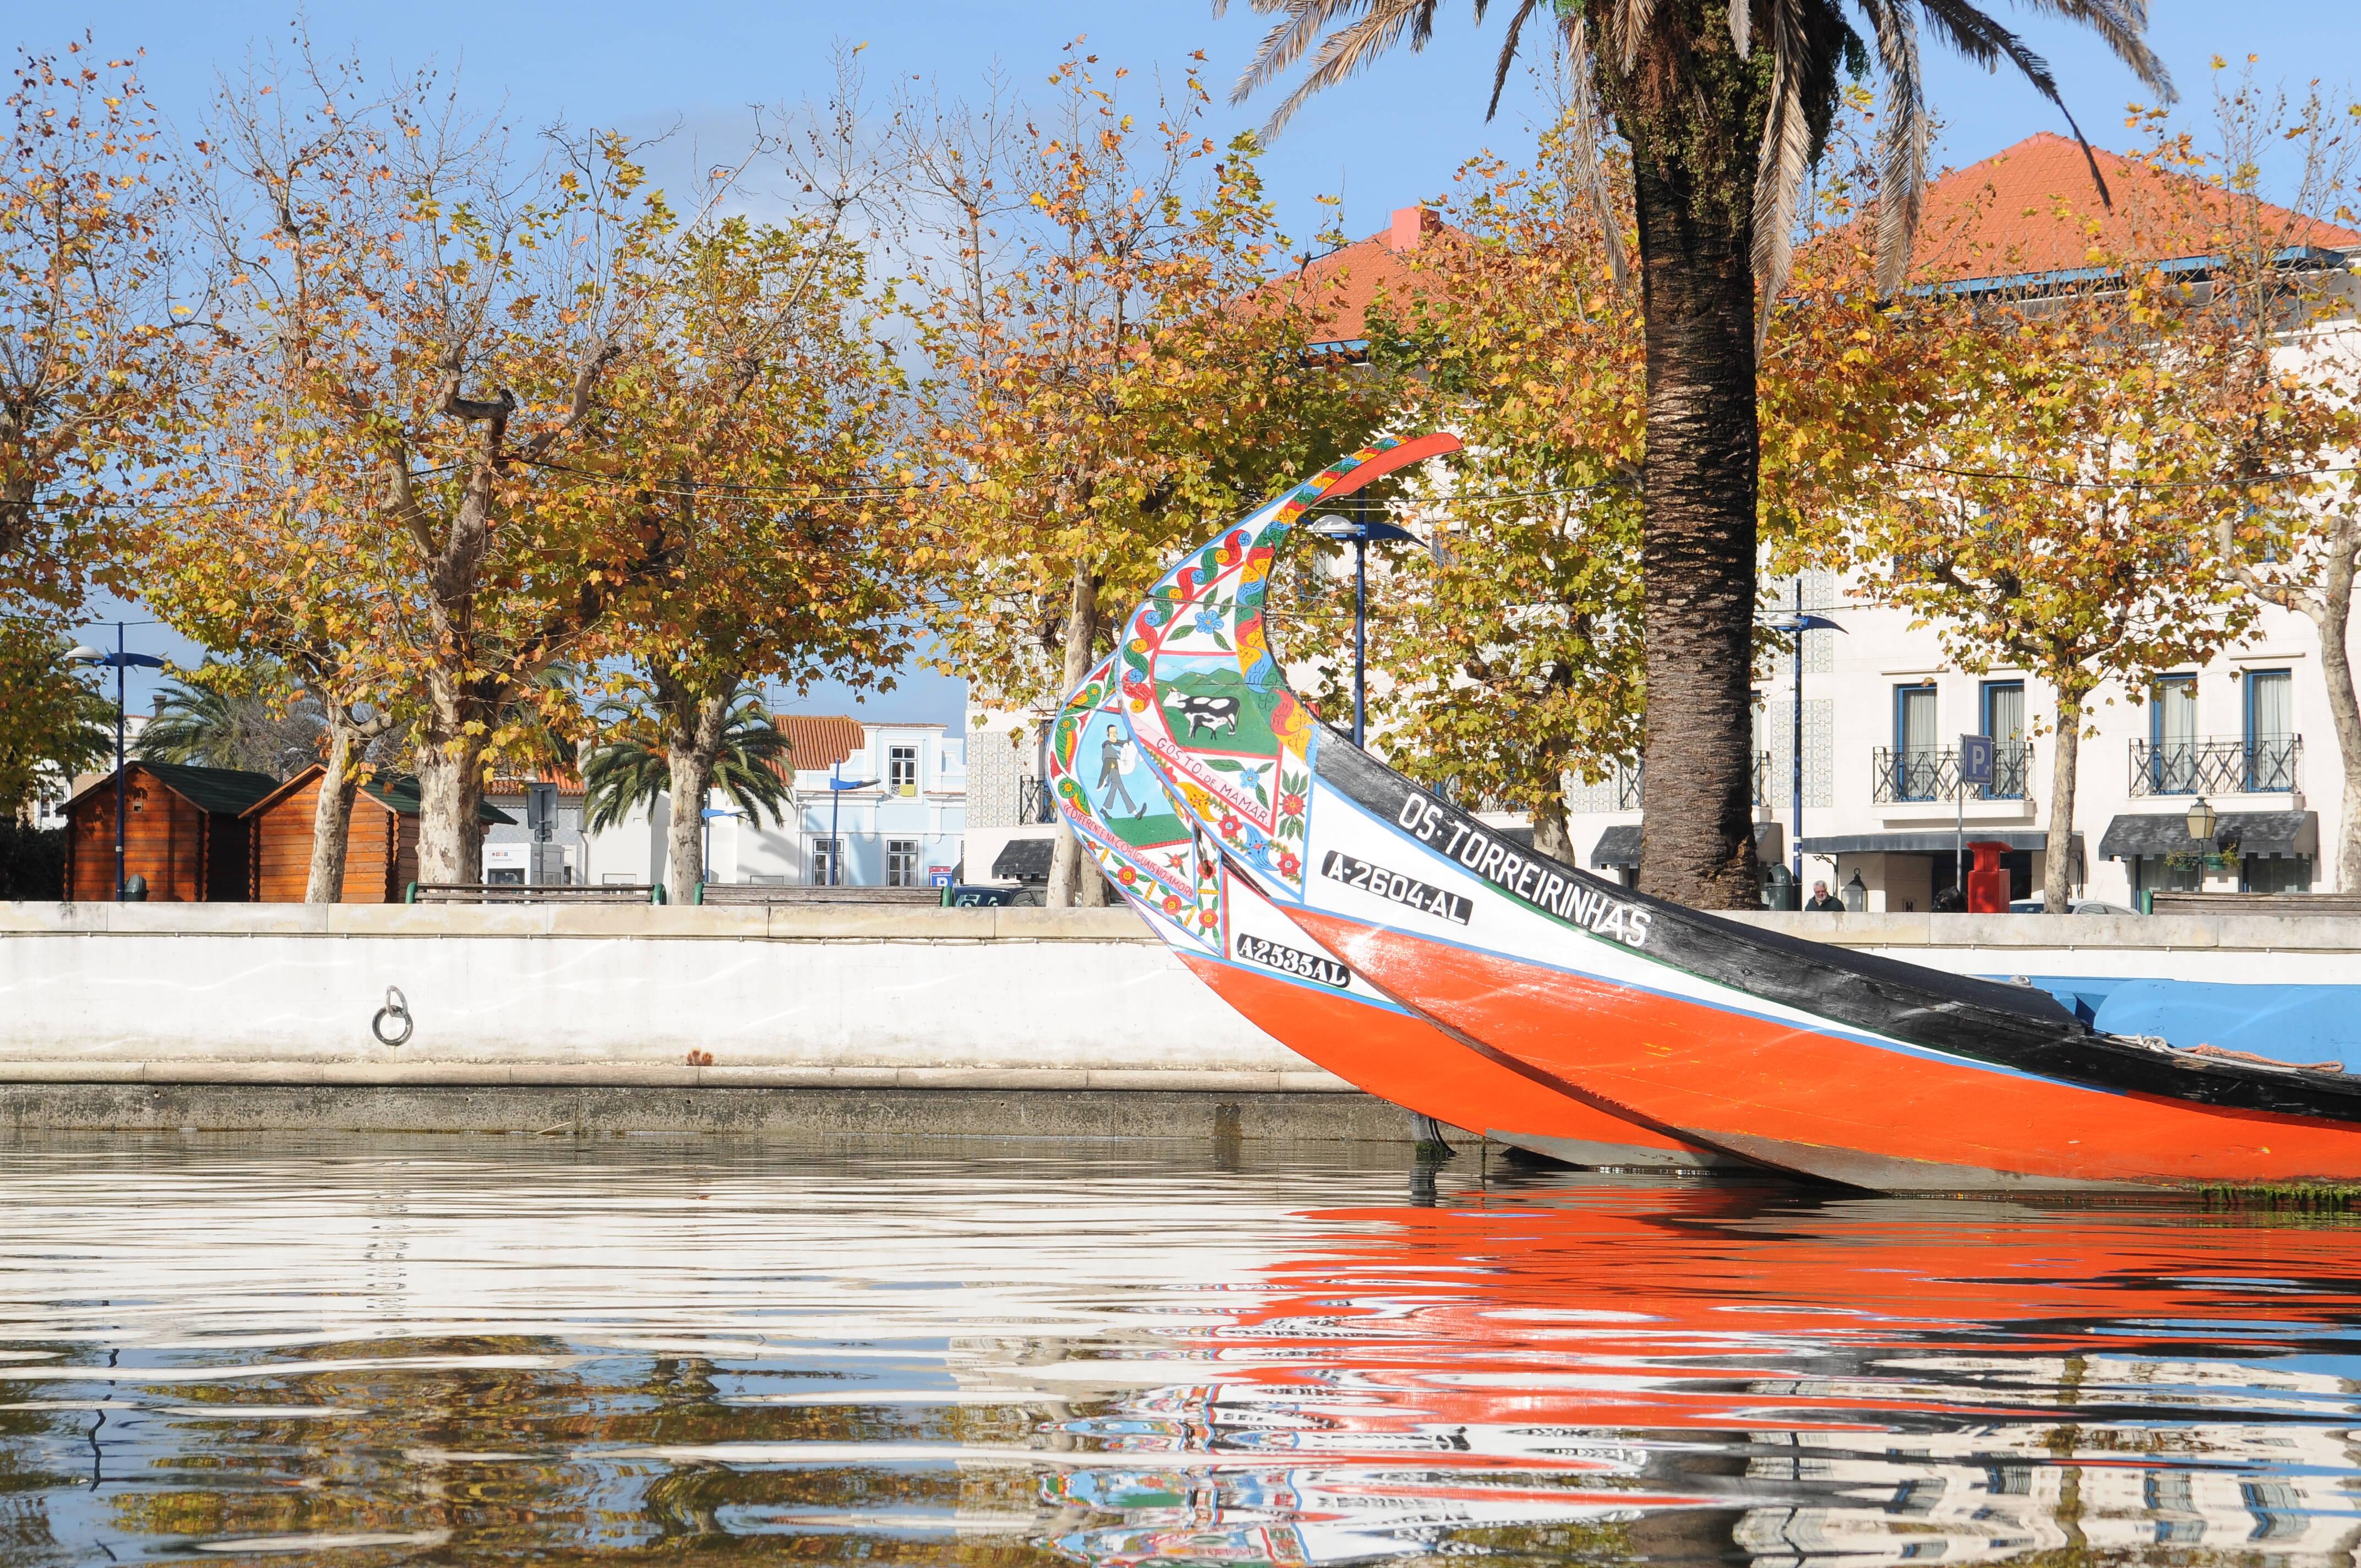 Os moliceiros de Aveiro são os equivalentes portugueses das gôndolas venezianas. Foto: Divulgação/Turismo de Portugal